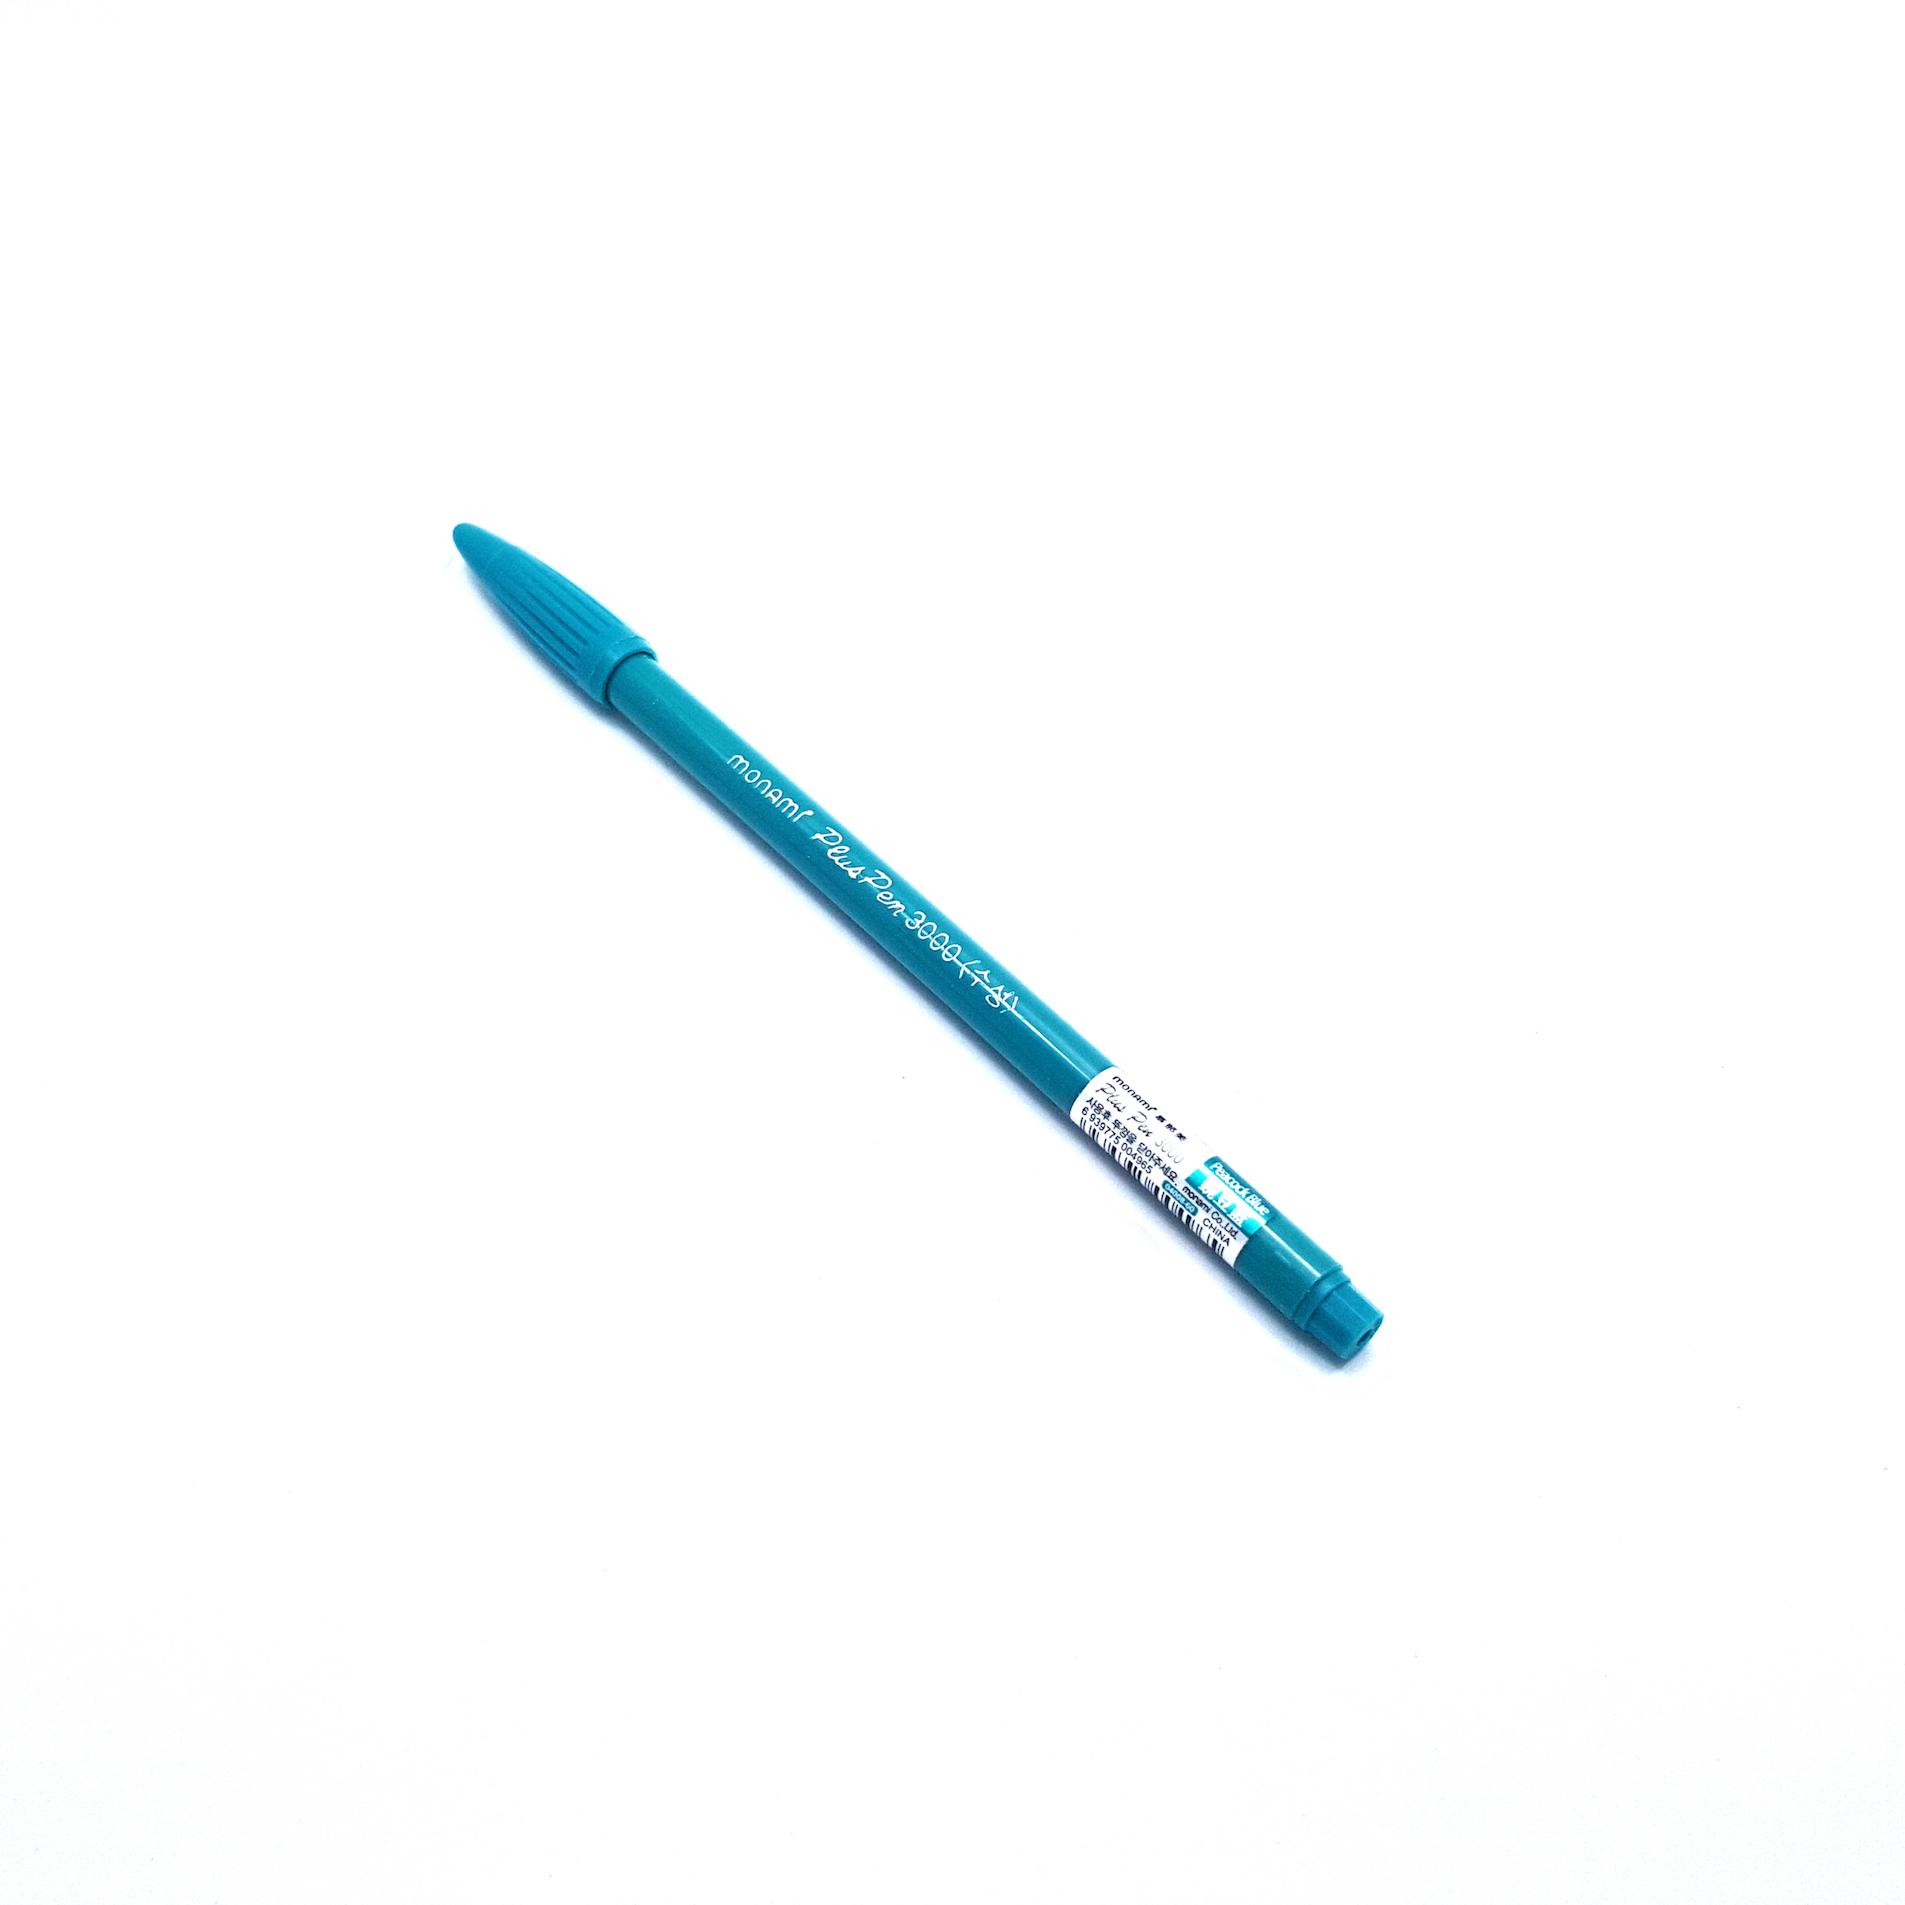 ปากกาสี Monami PlusPen 3000 - No.60 Peacock Blue